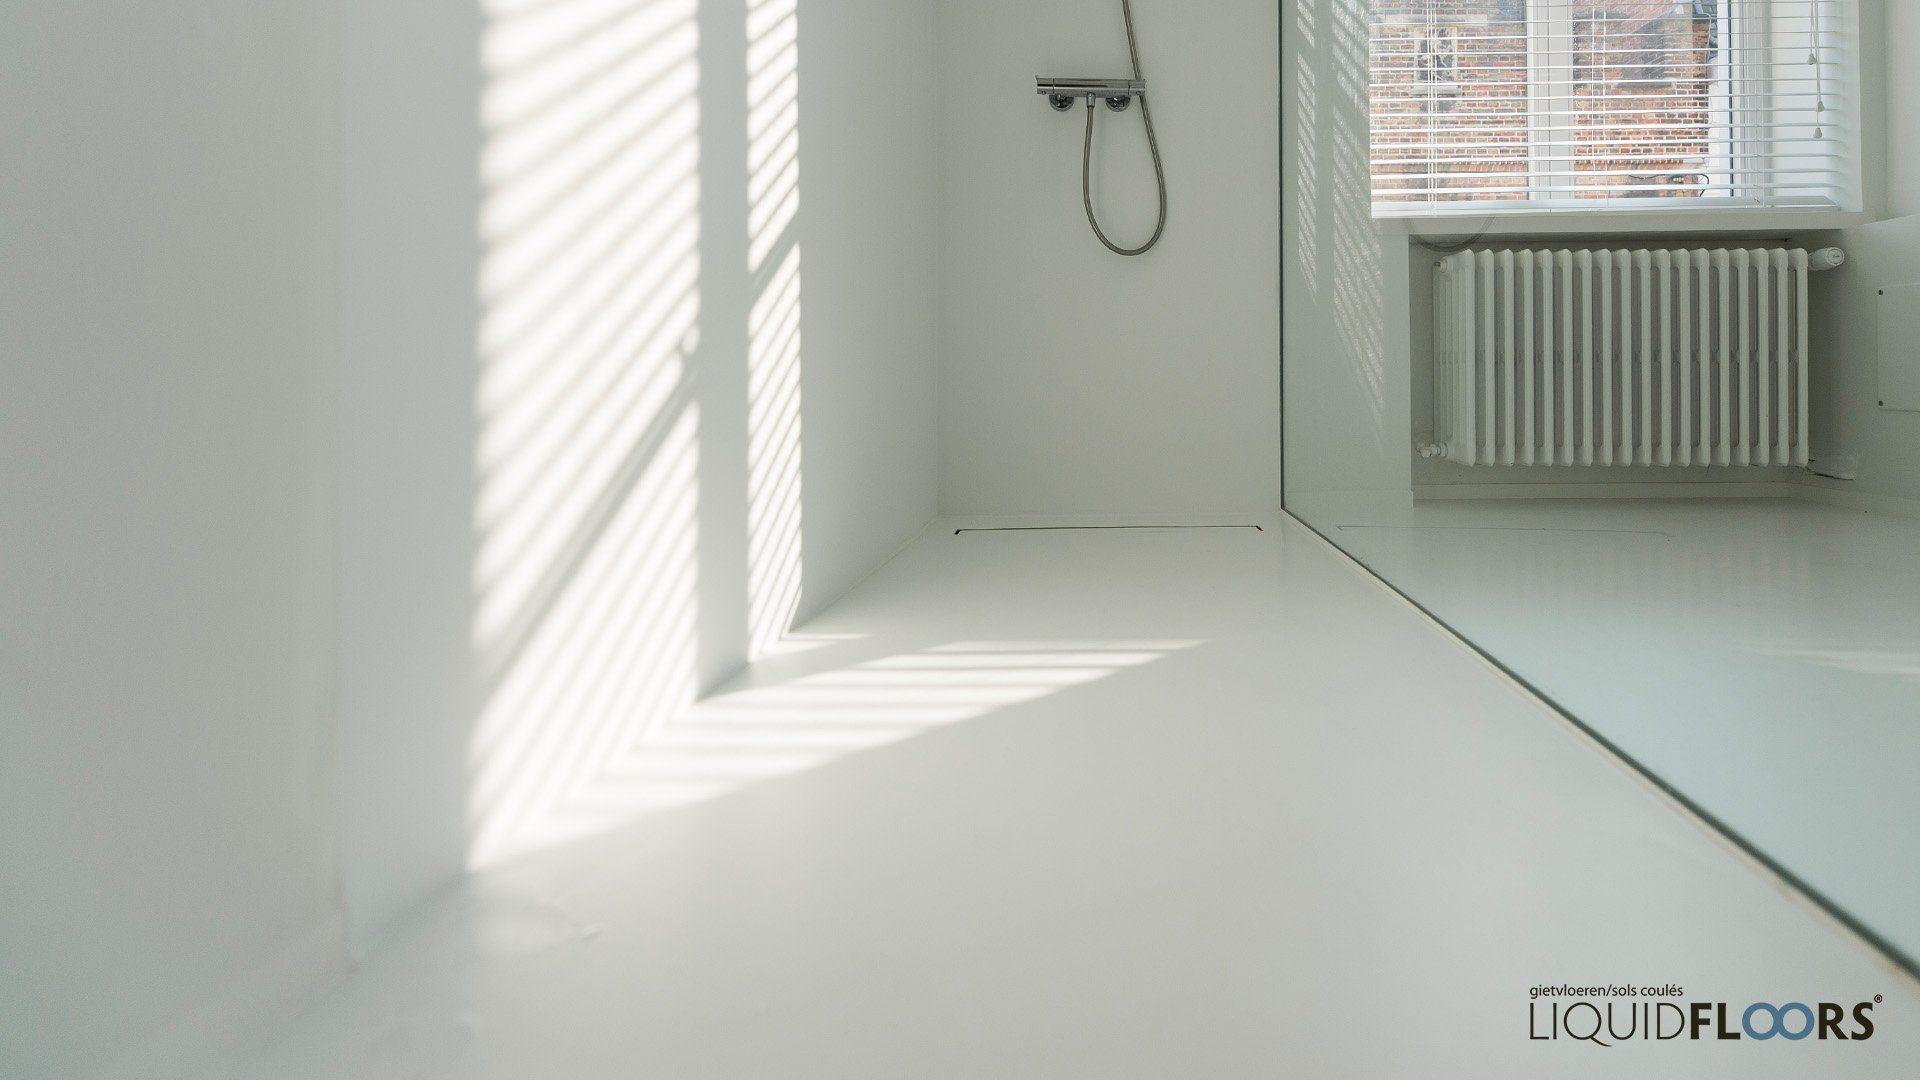 Badkamer Interieur Design : Inloopdouche naadloos design douche badkamer witte kleur interieur